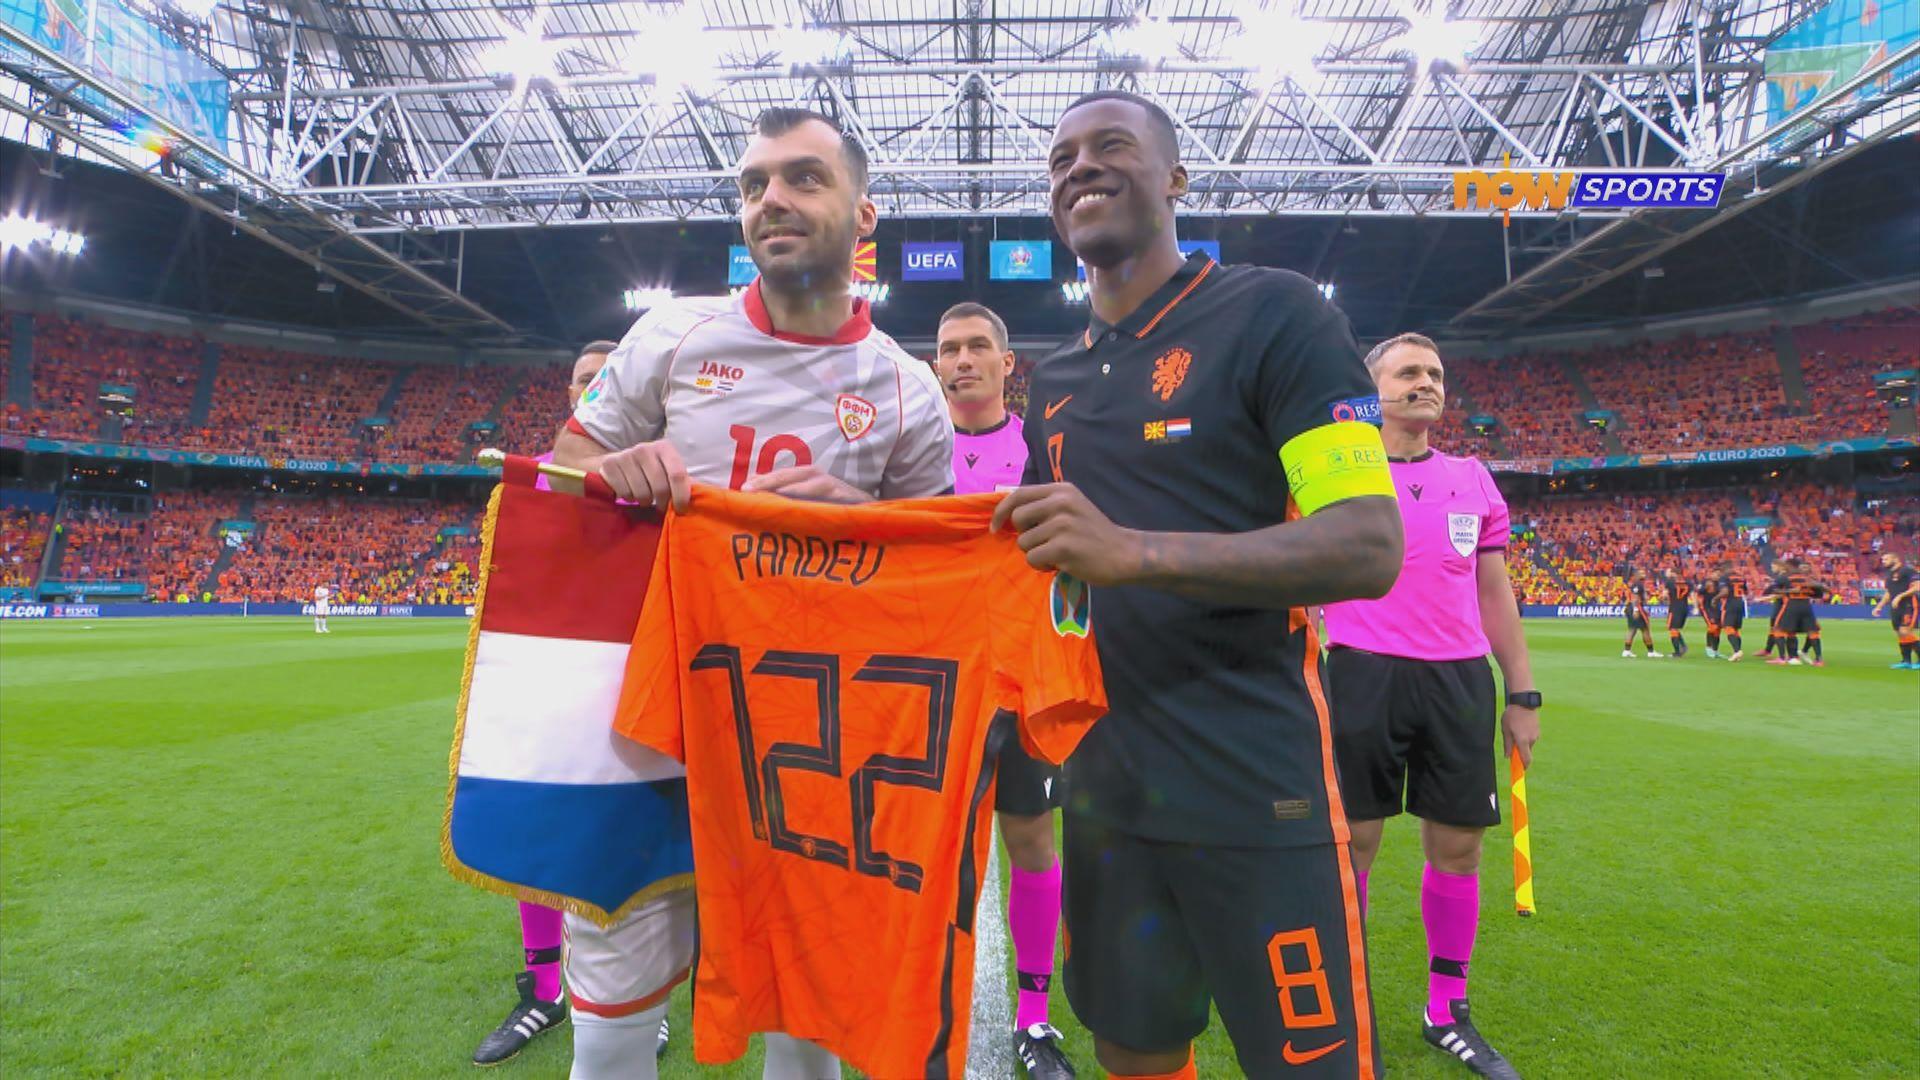 歐國盃 北馬其頓0:3荷蘭